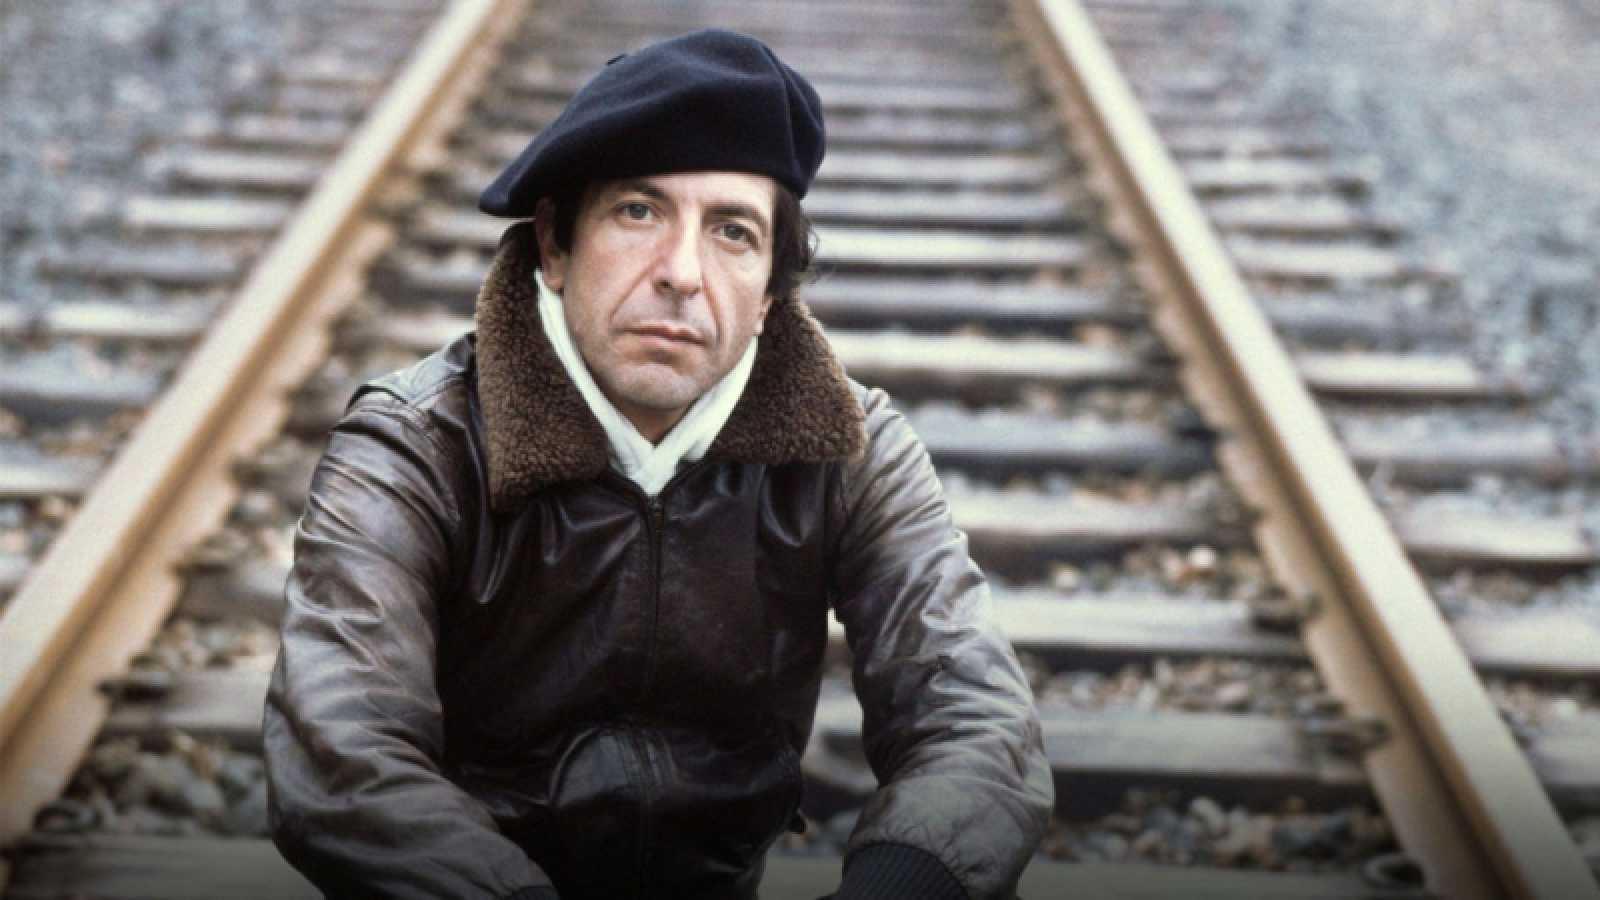 Próxima parada - The Rolling Stones & Leonard Cohen y Chicago - 13/10/20 - escuchar ahora